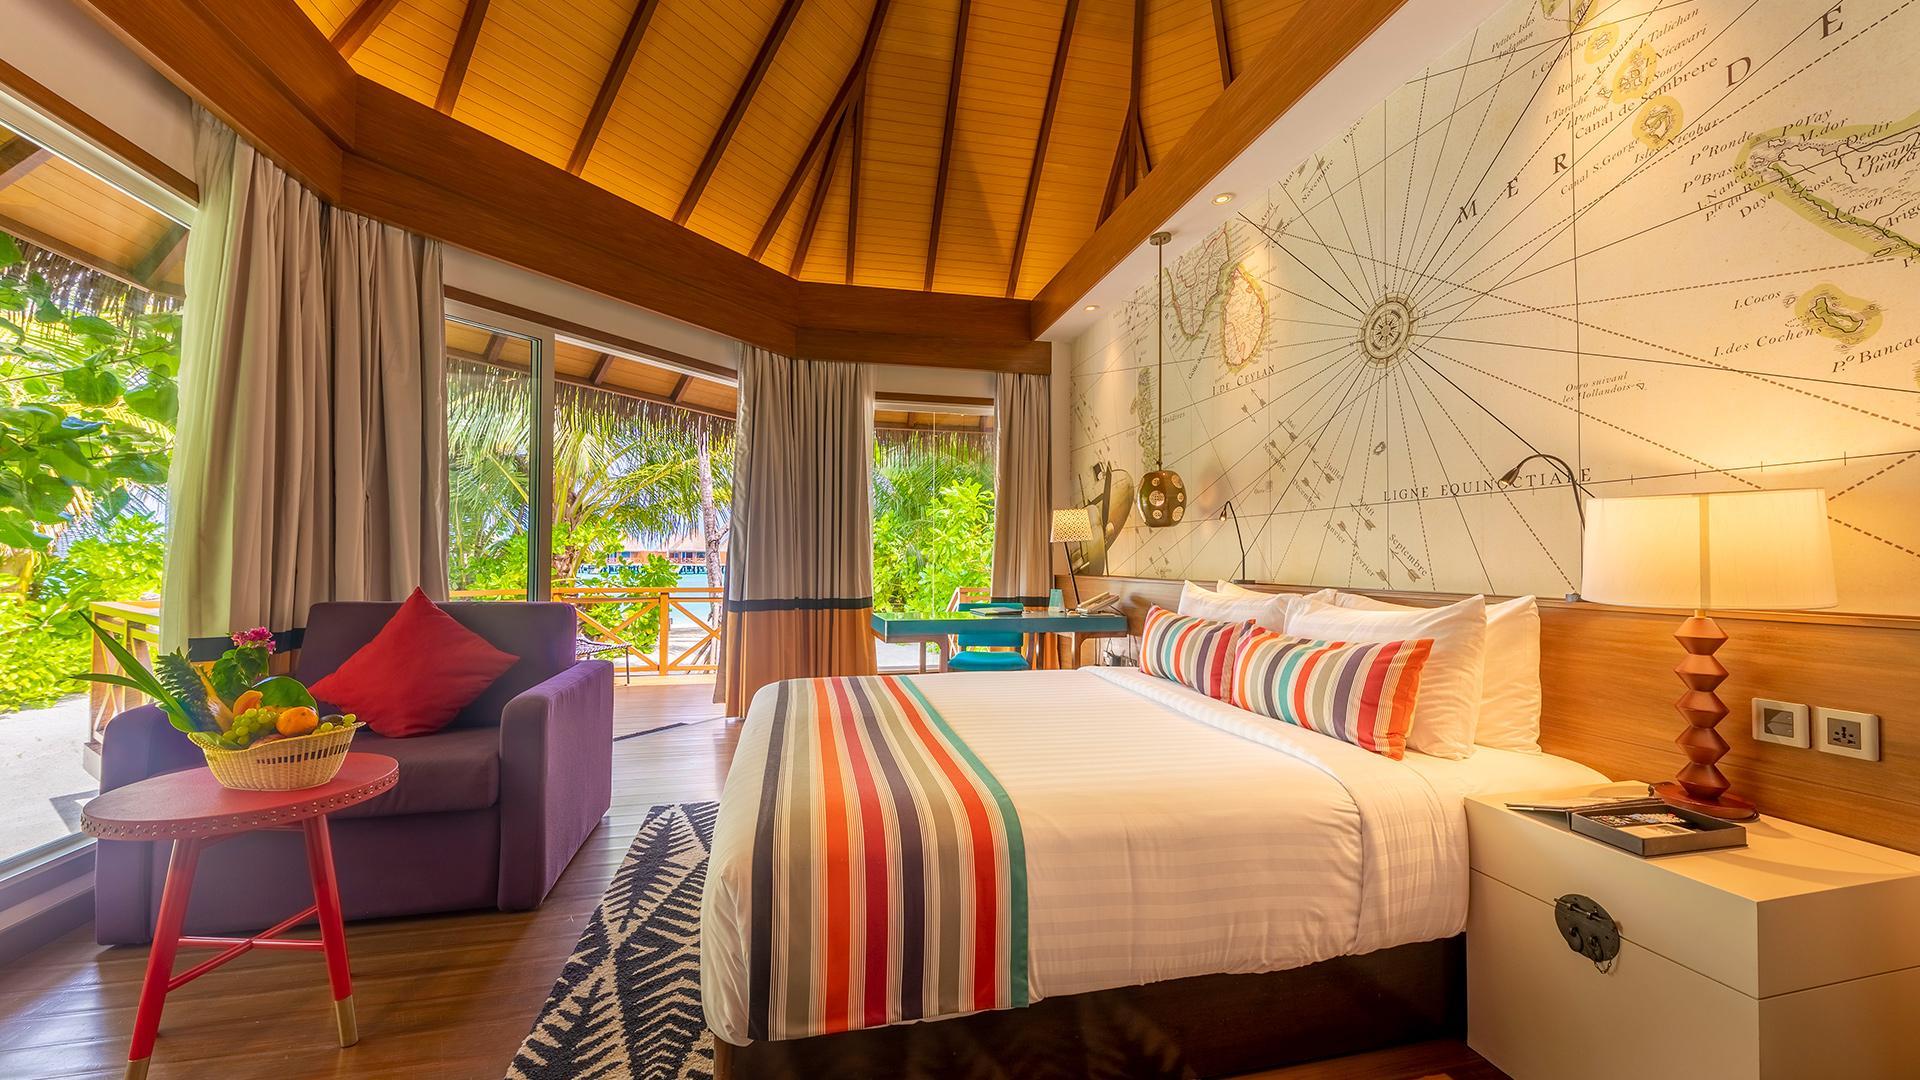 Beach Villa image 1 at Kooddoo Maldives Resort by Mercure July 2020 by Gaafu Alifu Atoll, Upper South Province, Maldives